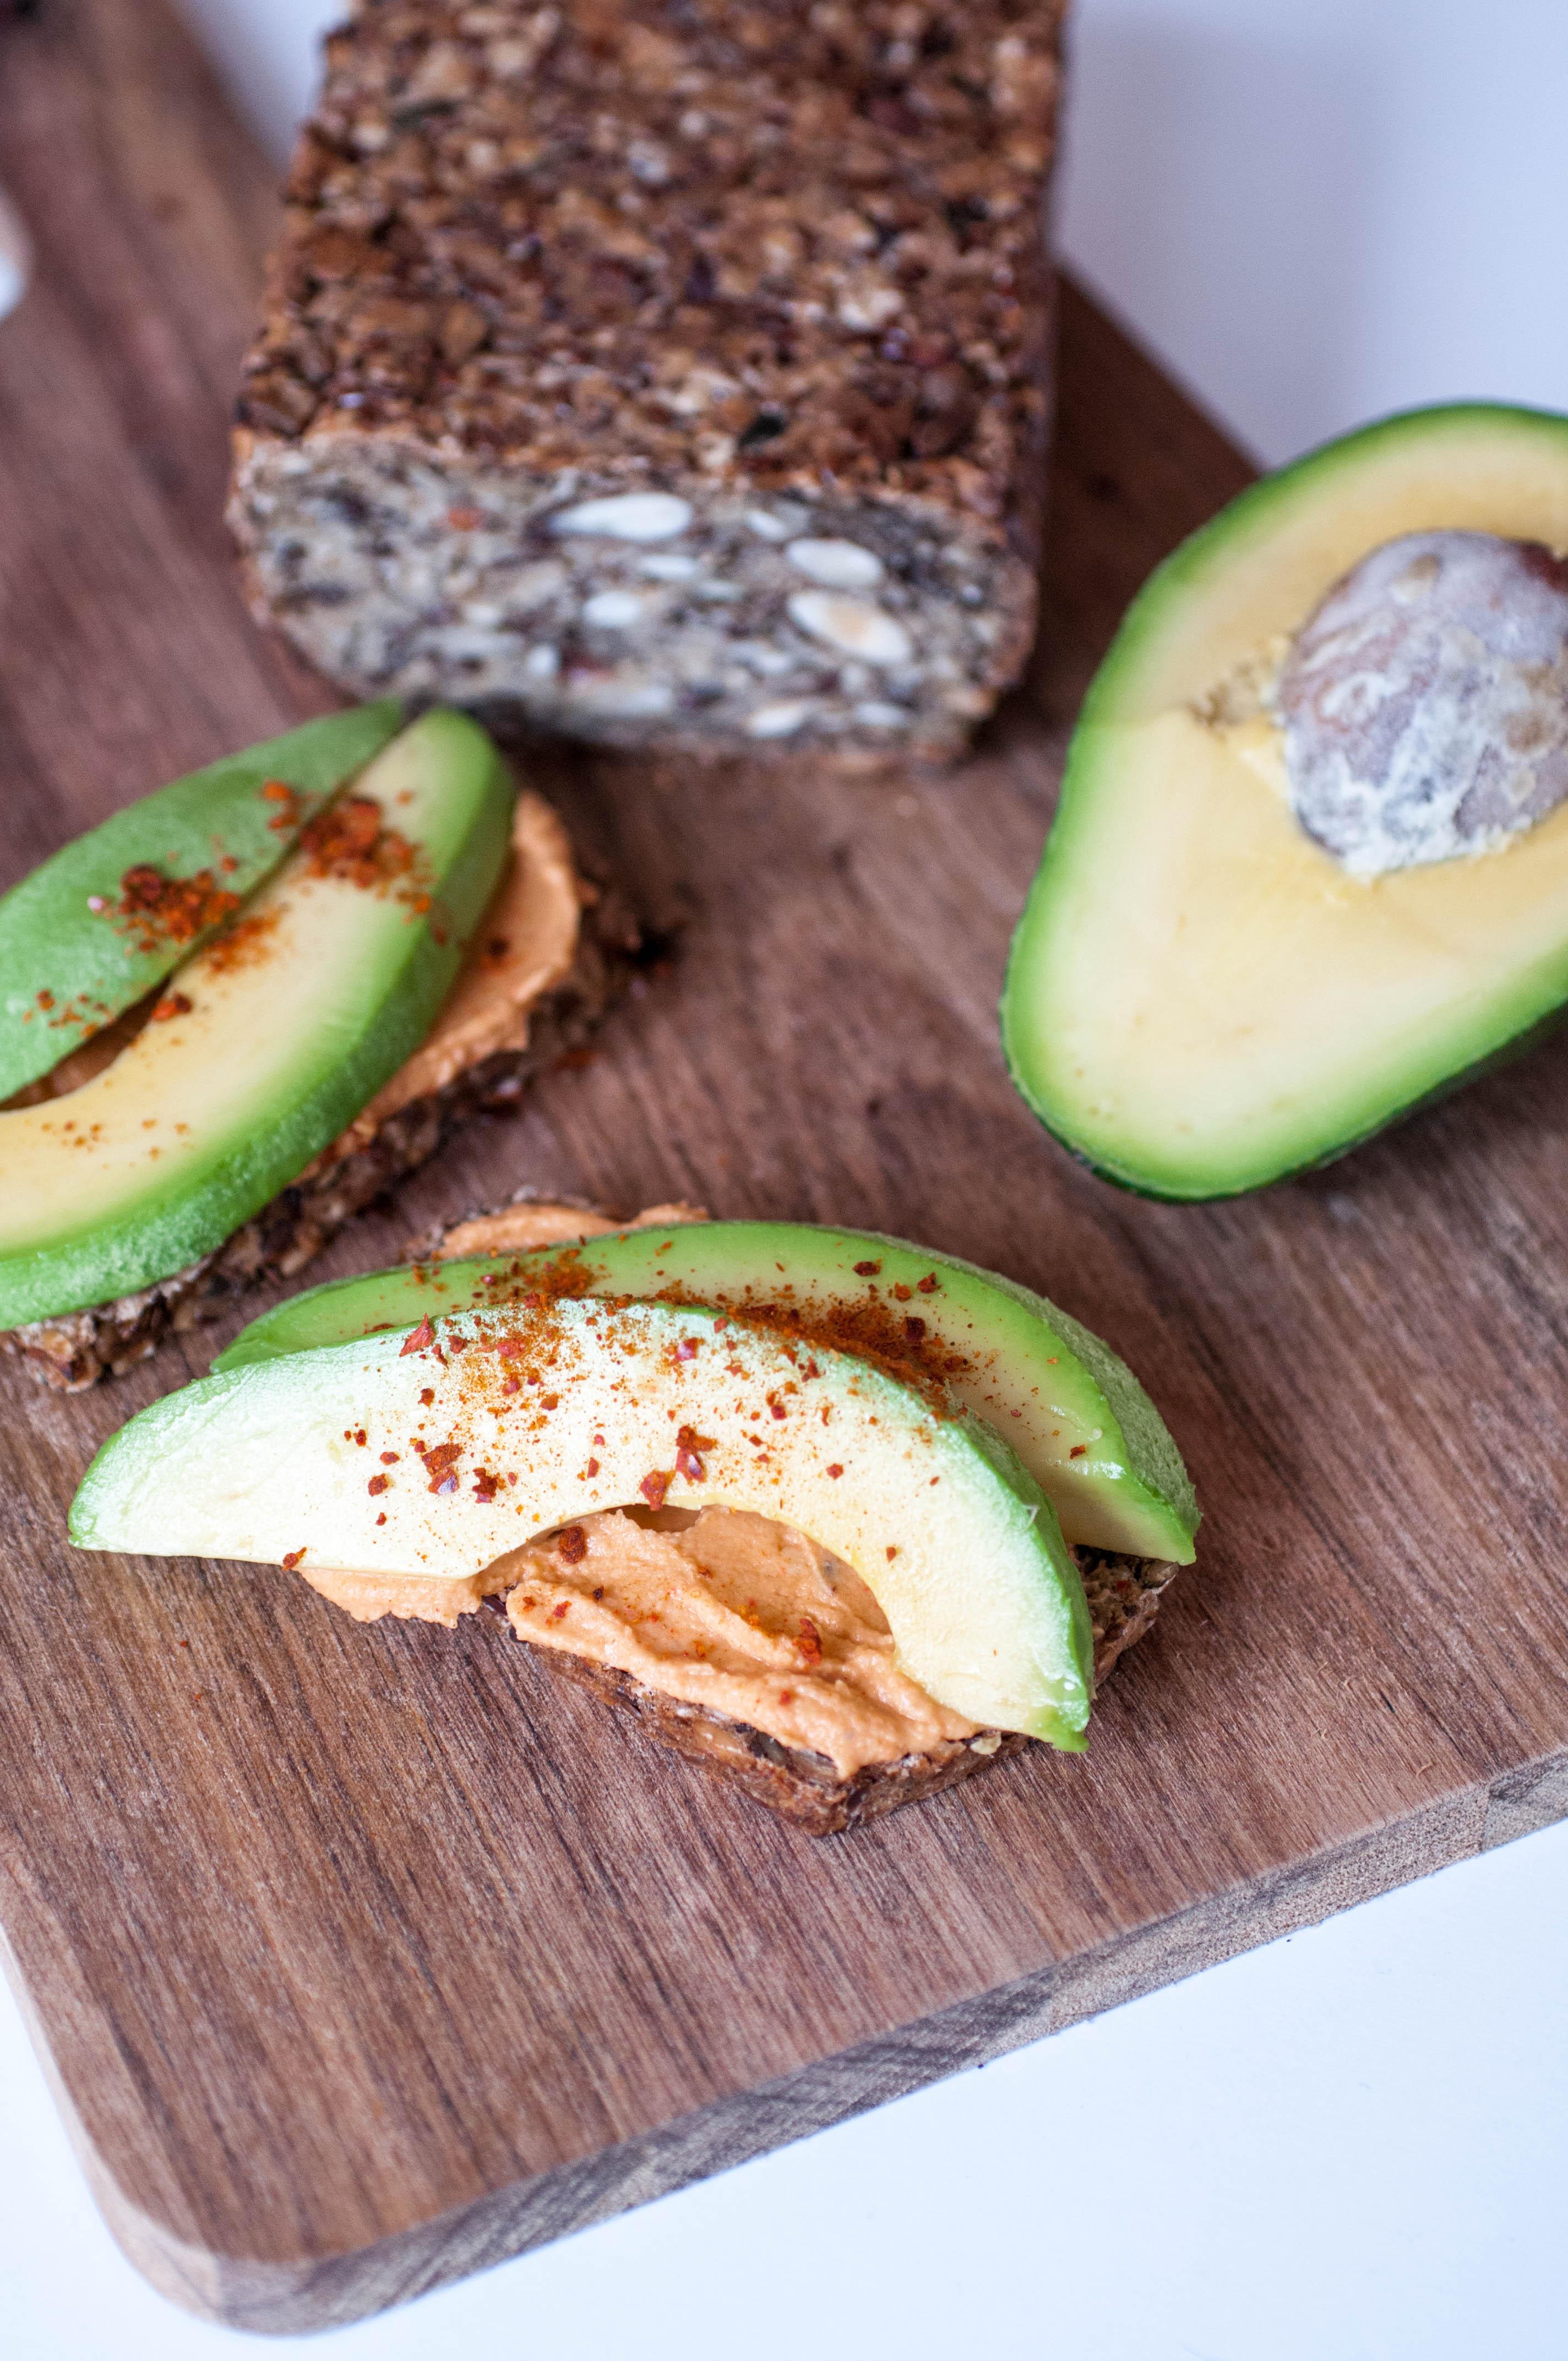 glutenfreies Brot mit Haferflocken und Nüssen